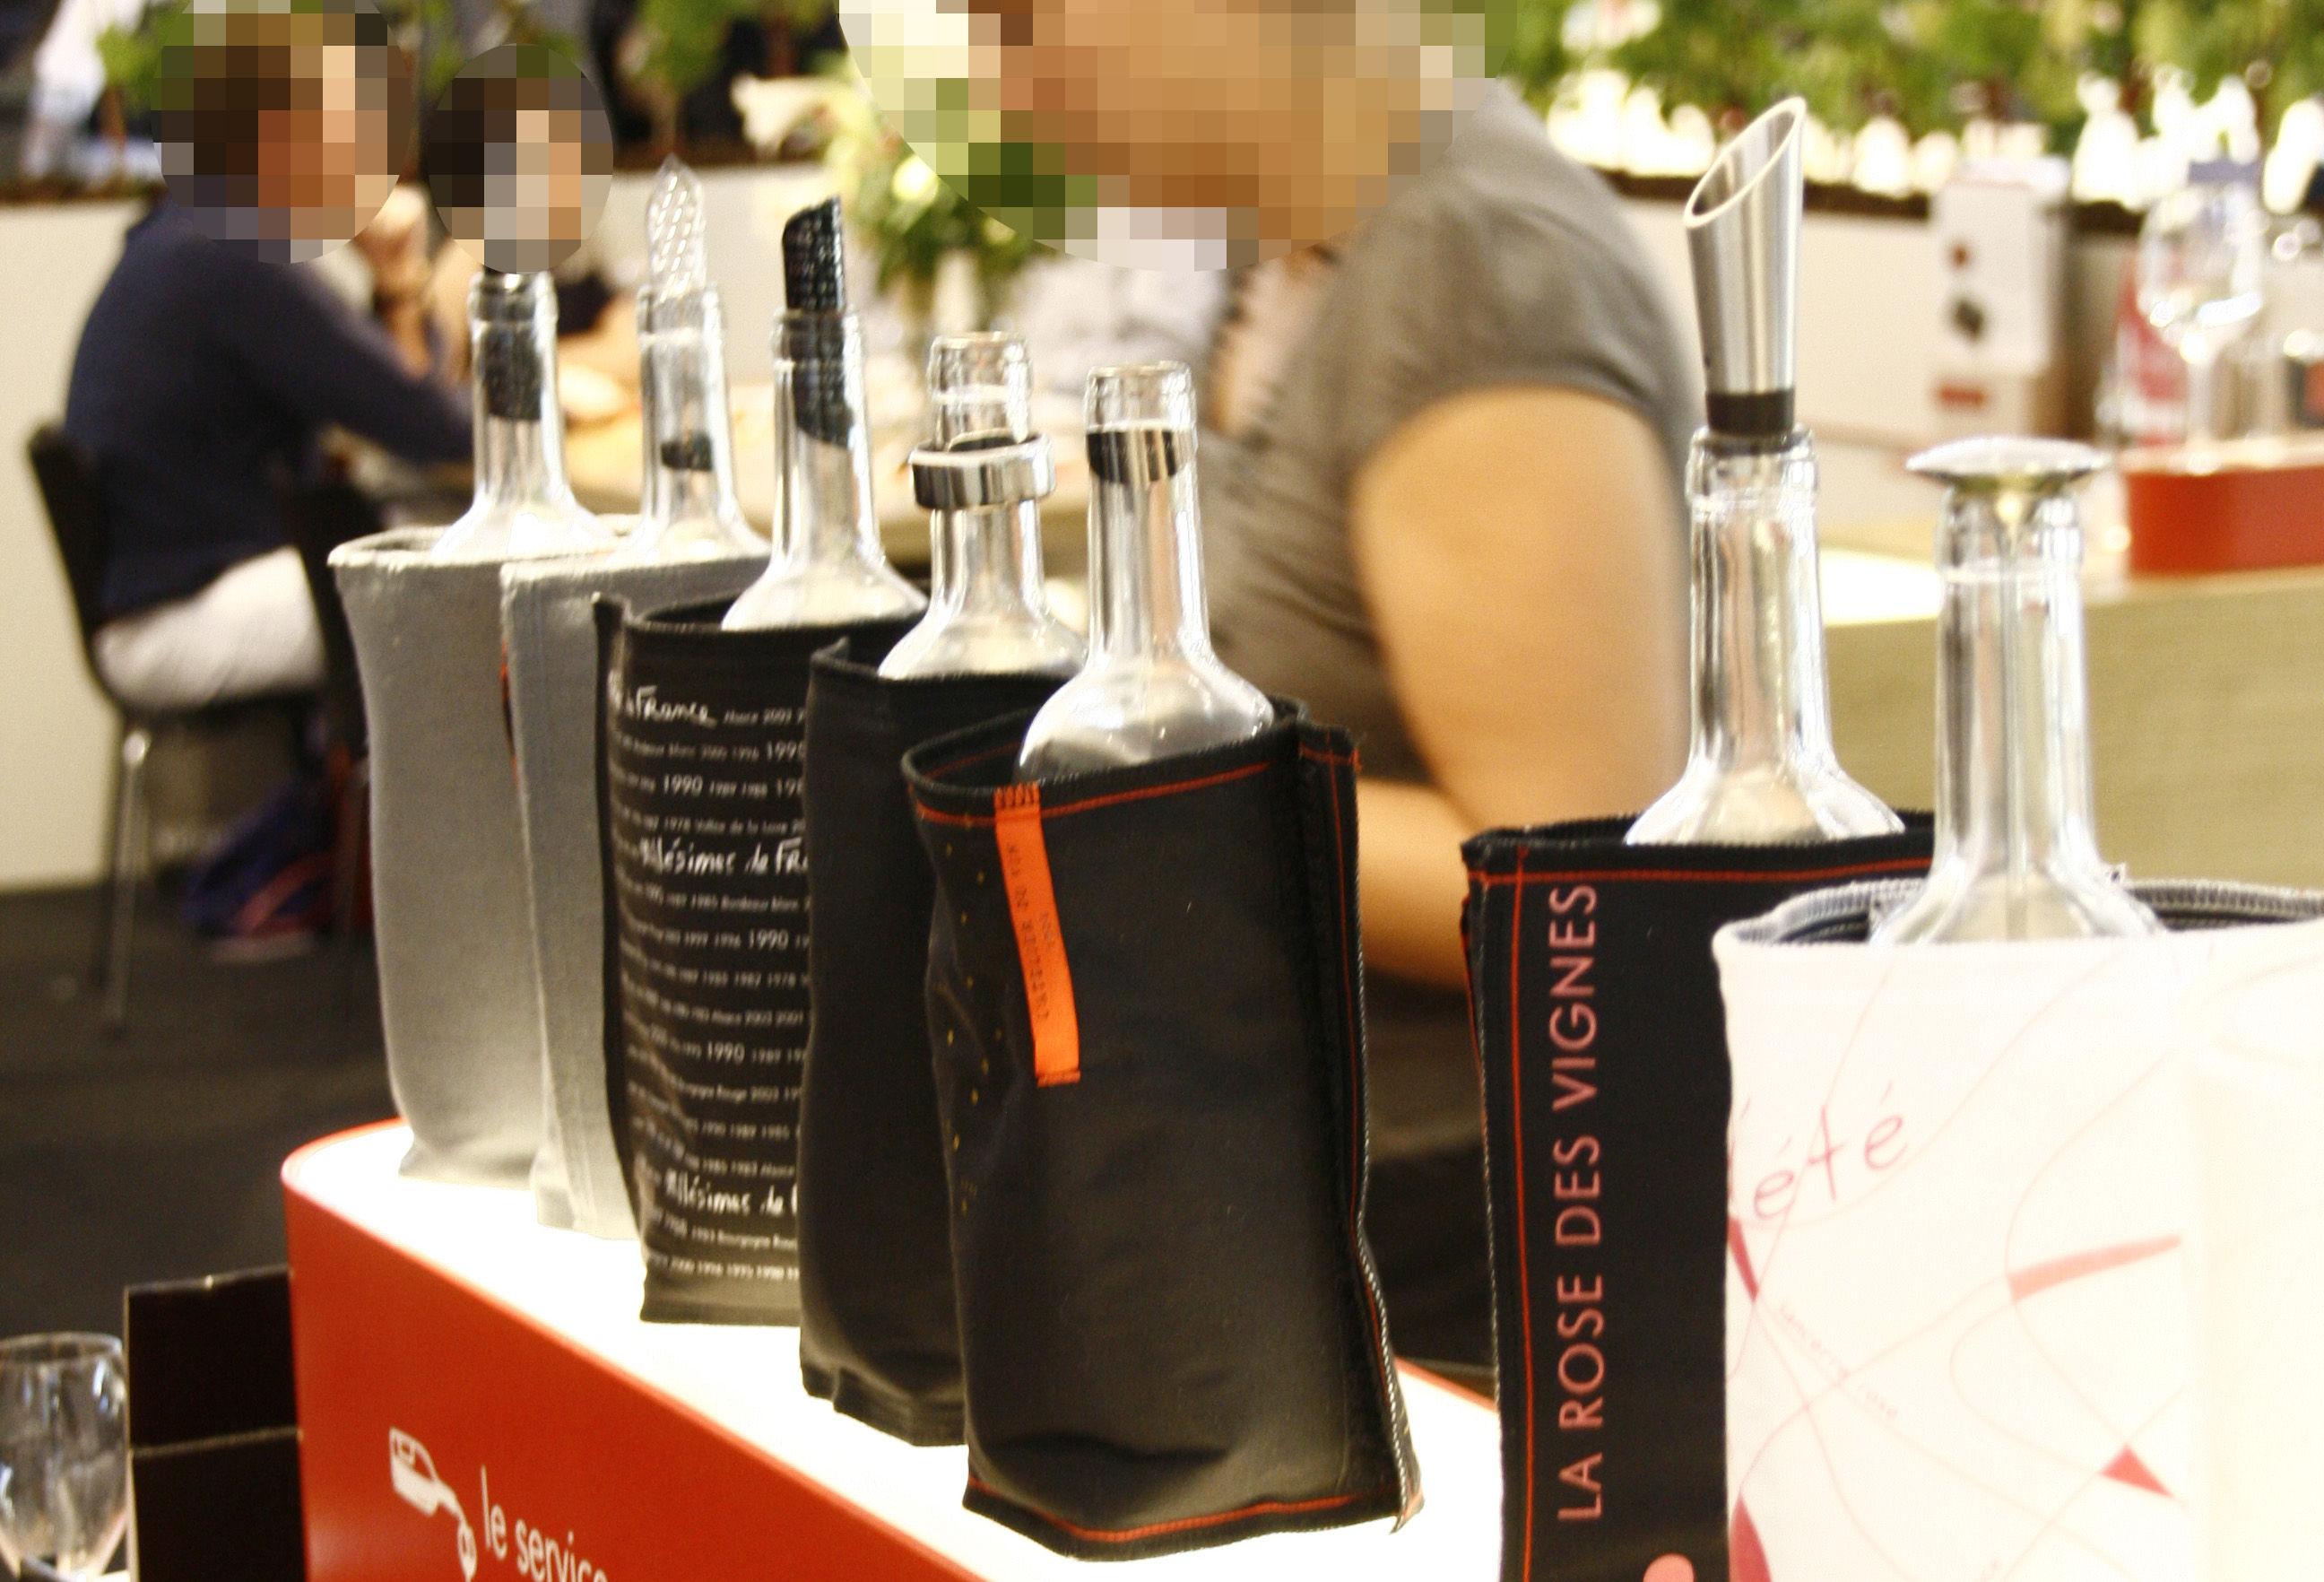 scopri secchiello refrigerante fresh mill simes de france nero di l 39 atelier du vin made in. Black Bedroom Furniture Sets. Home Design Ideas